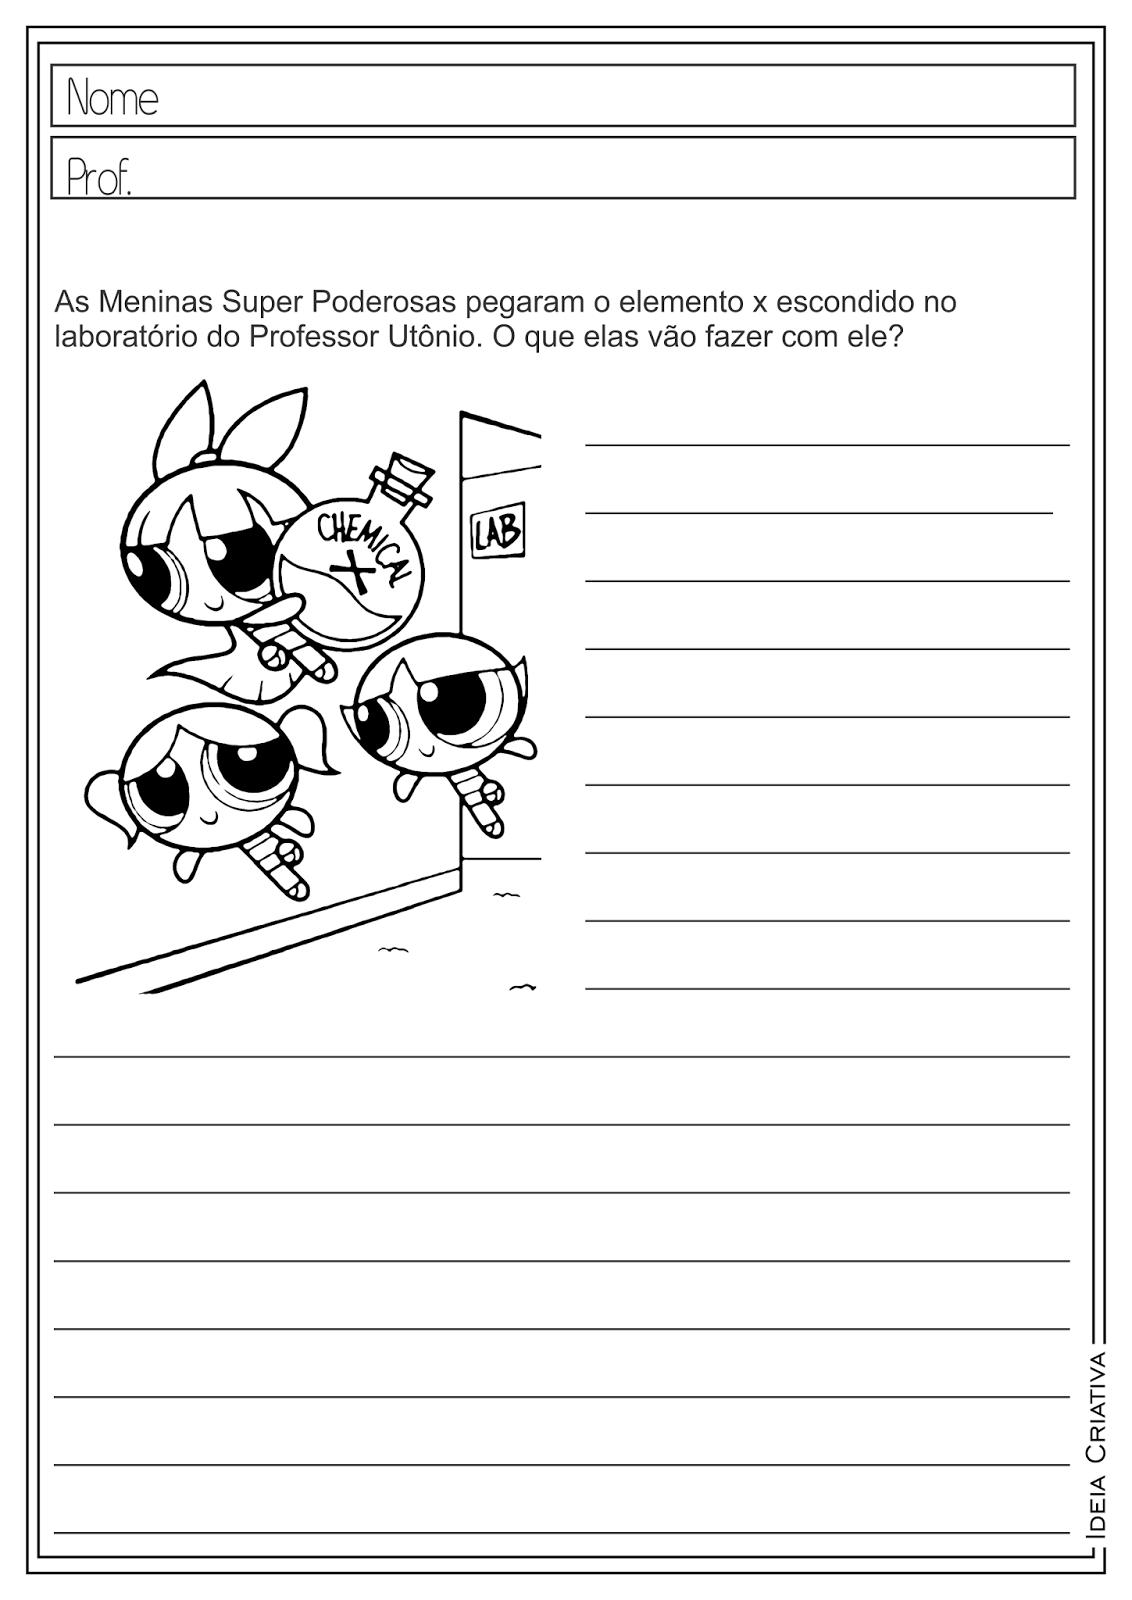 Atividades Educativas Produção de Texto Língua Portuguesa para Ensino Fundamental